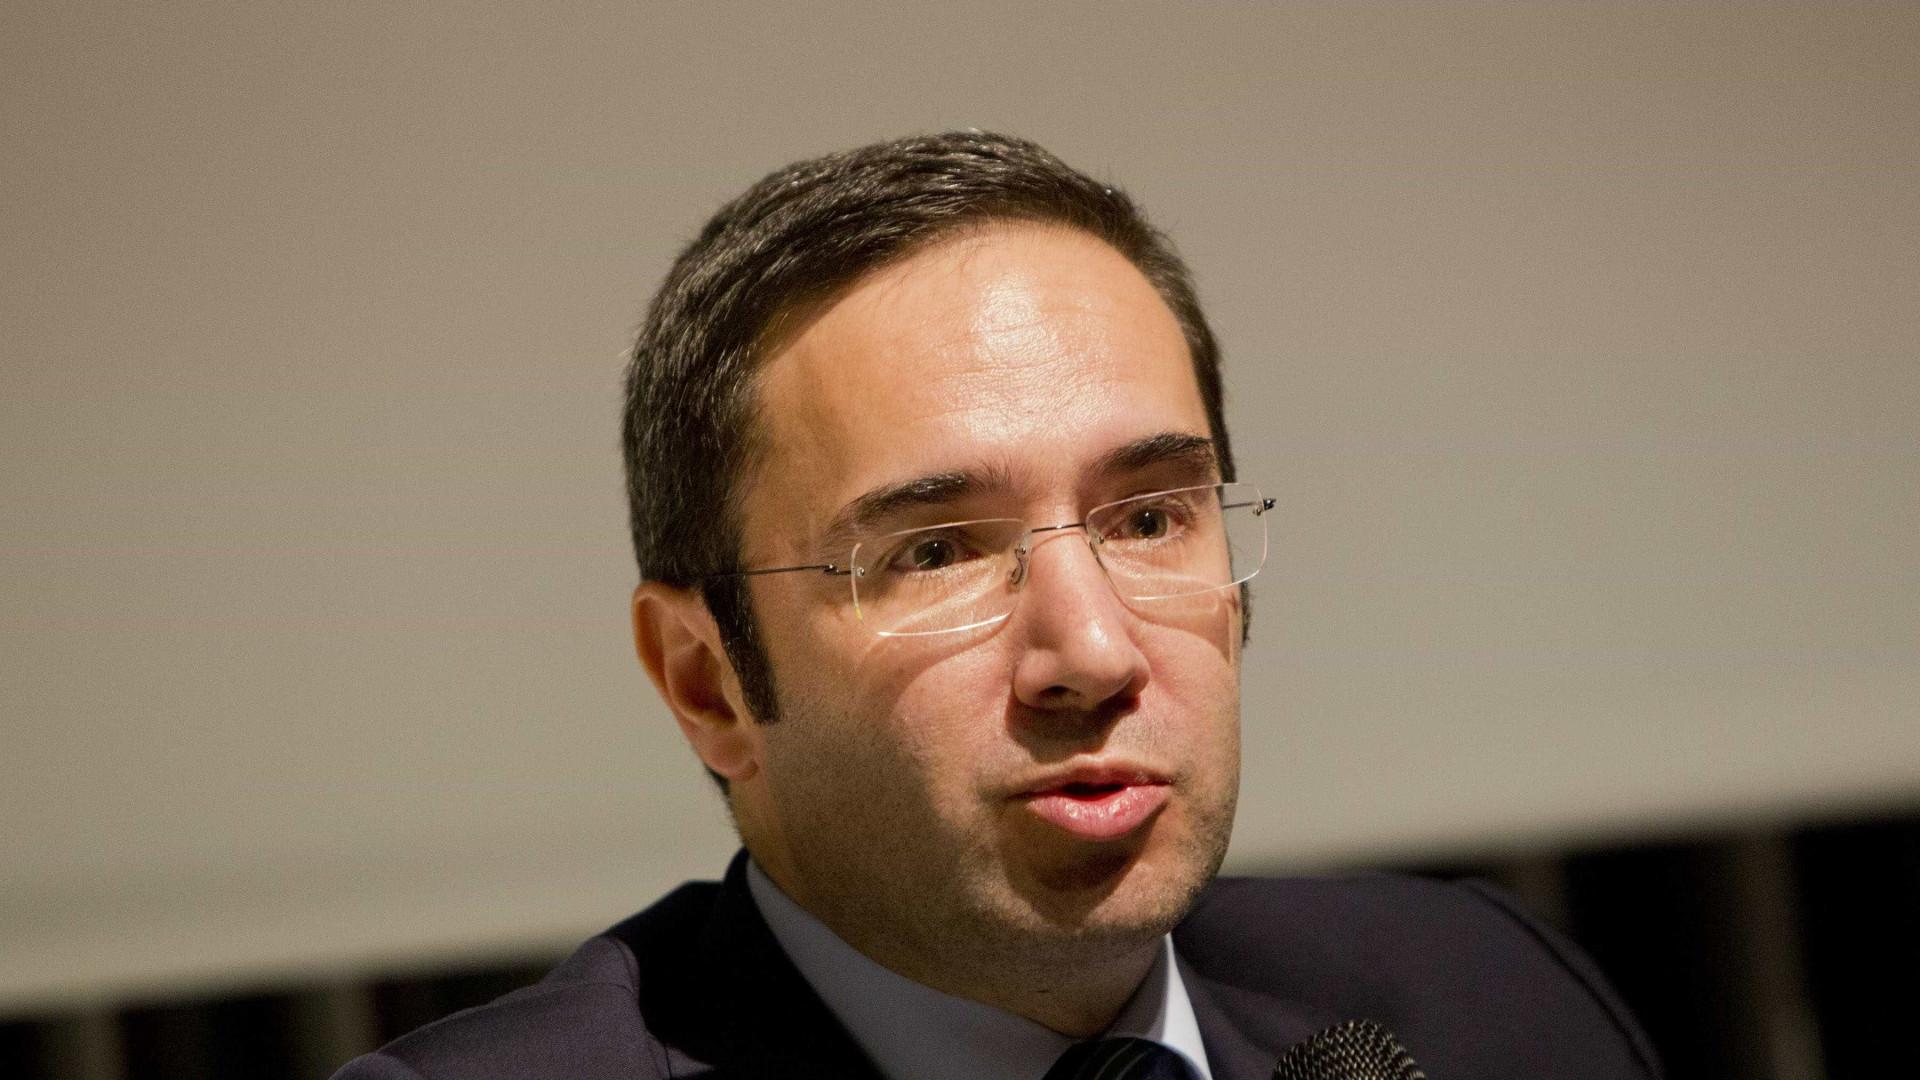 Governo congratula-se com eleição de Jorge Moreira da Silva para OCDE